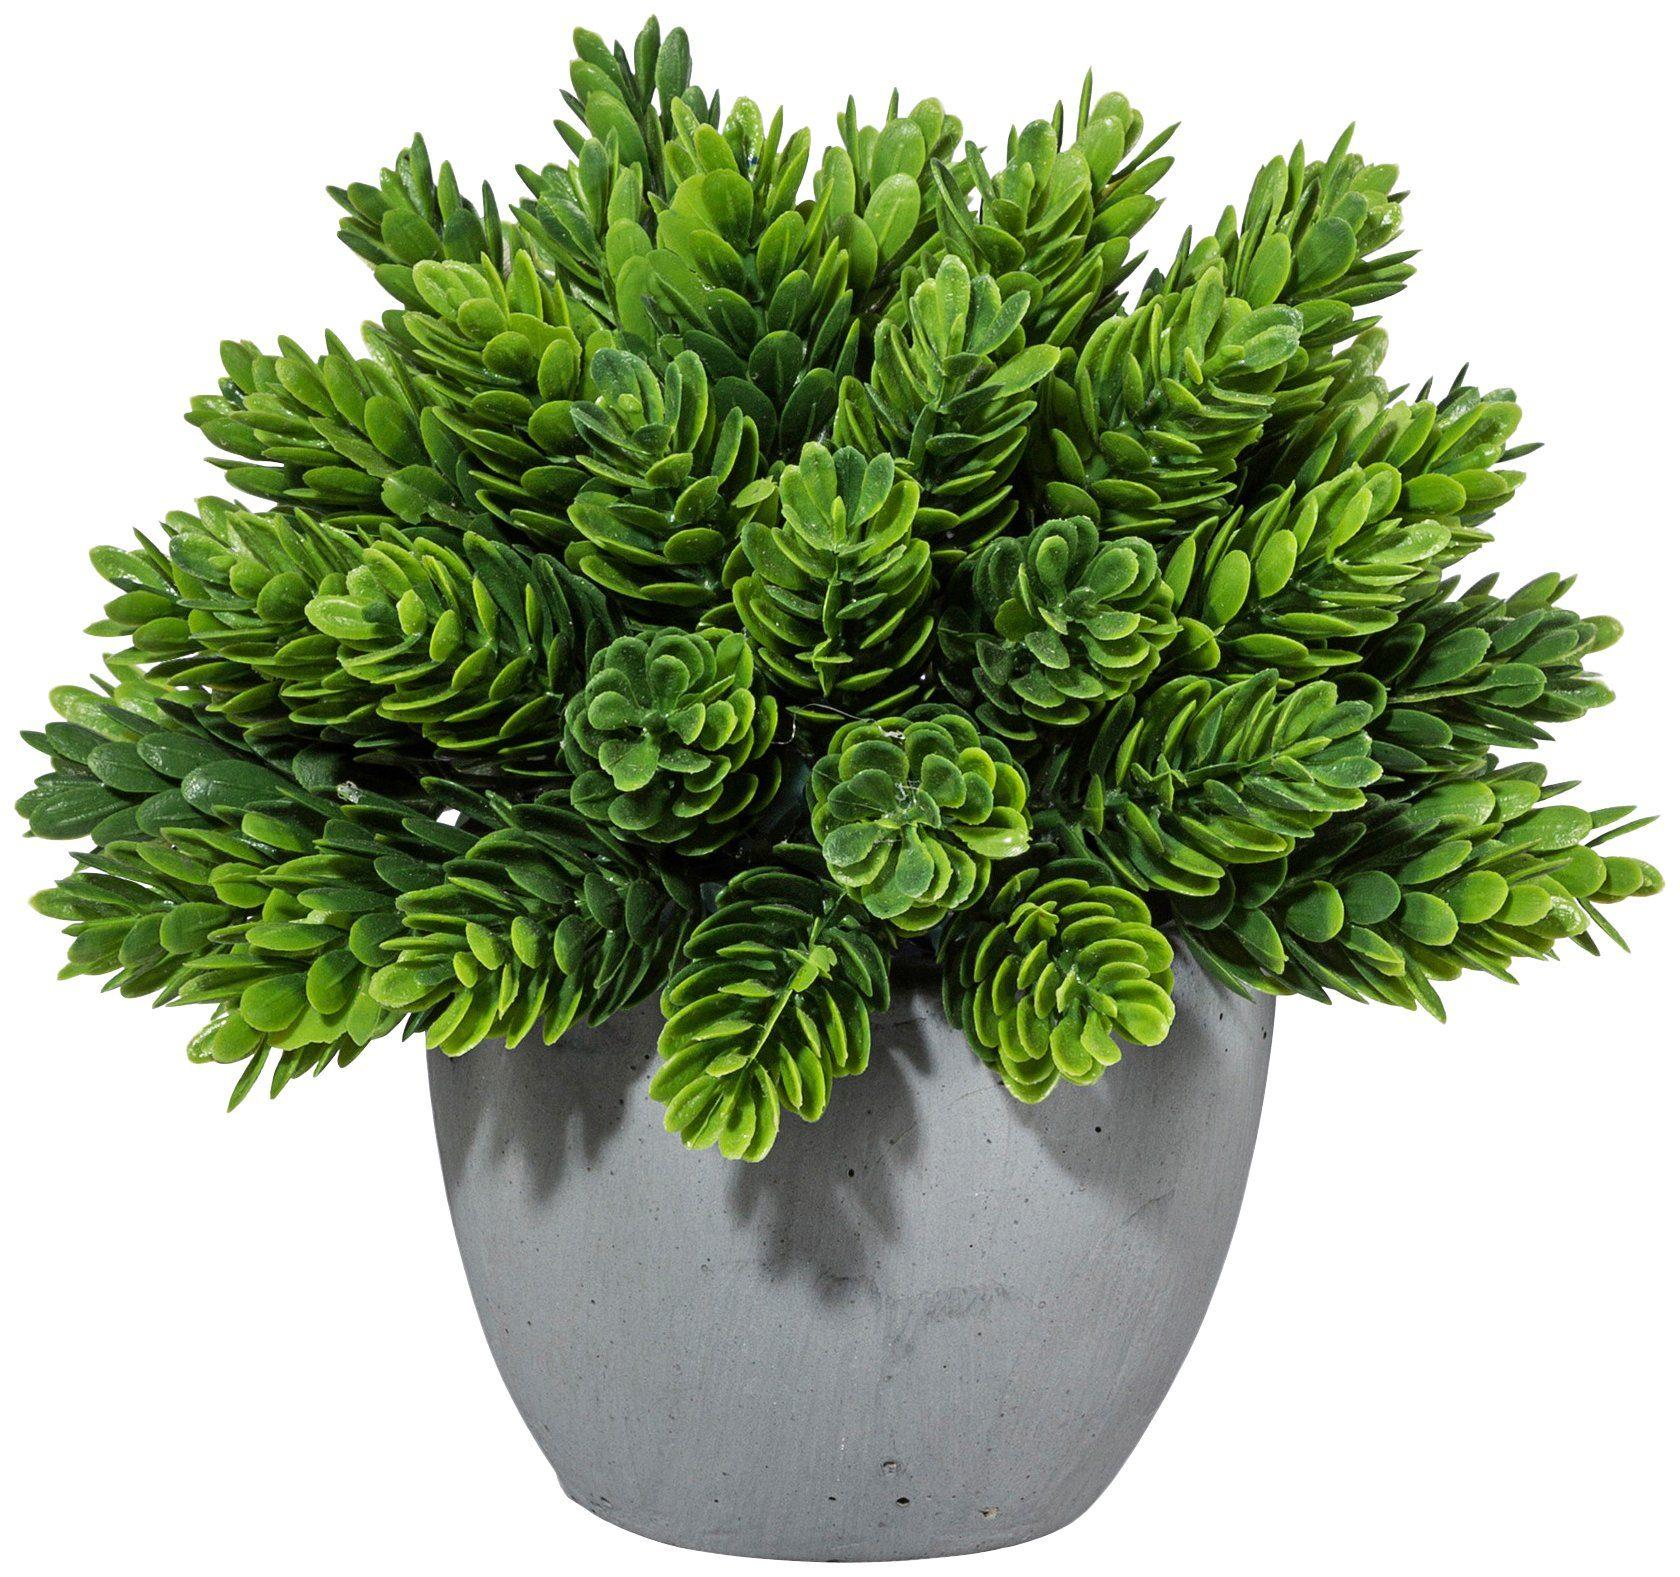 Kunstpflanze »Kugel aus Maitaizweigen«, im Zementtopf, Höhe 15 cm